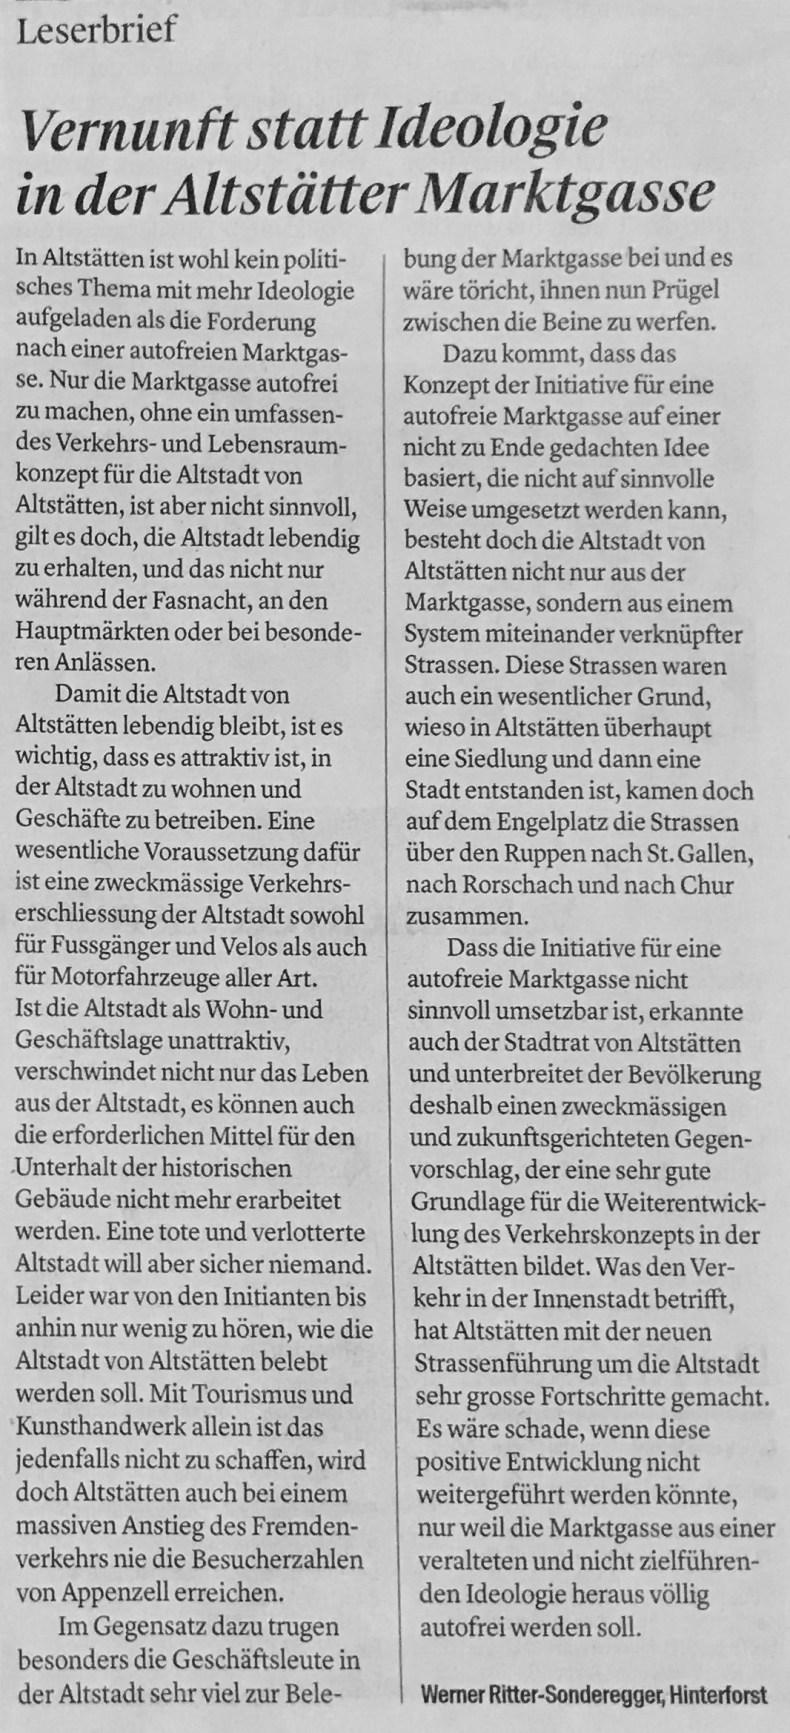 Bericht im Rheintaler | Vernunft statt Ideologie in der Altstätter Marktgasse